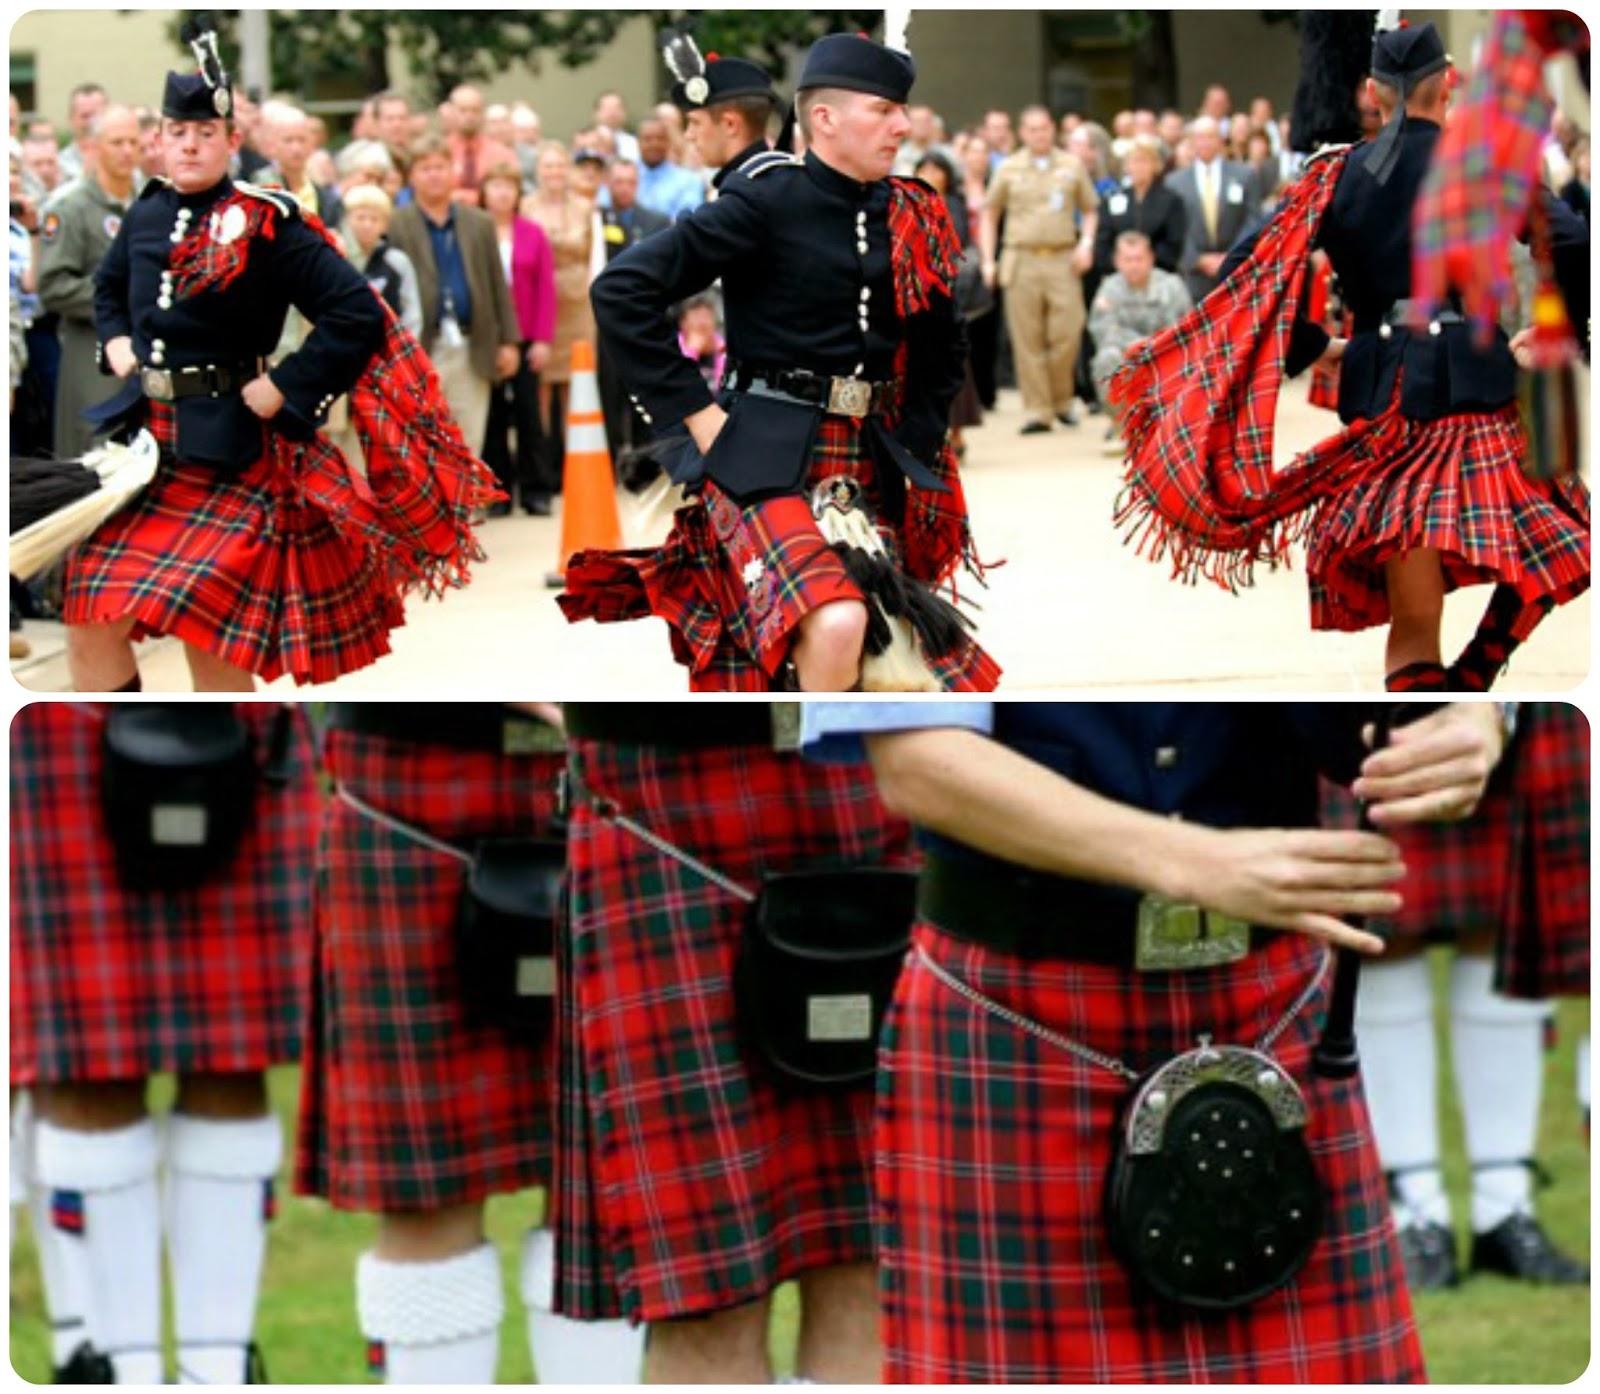 Escoceses con kilt escocés - Tartán escocés